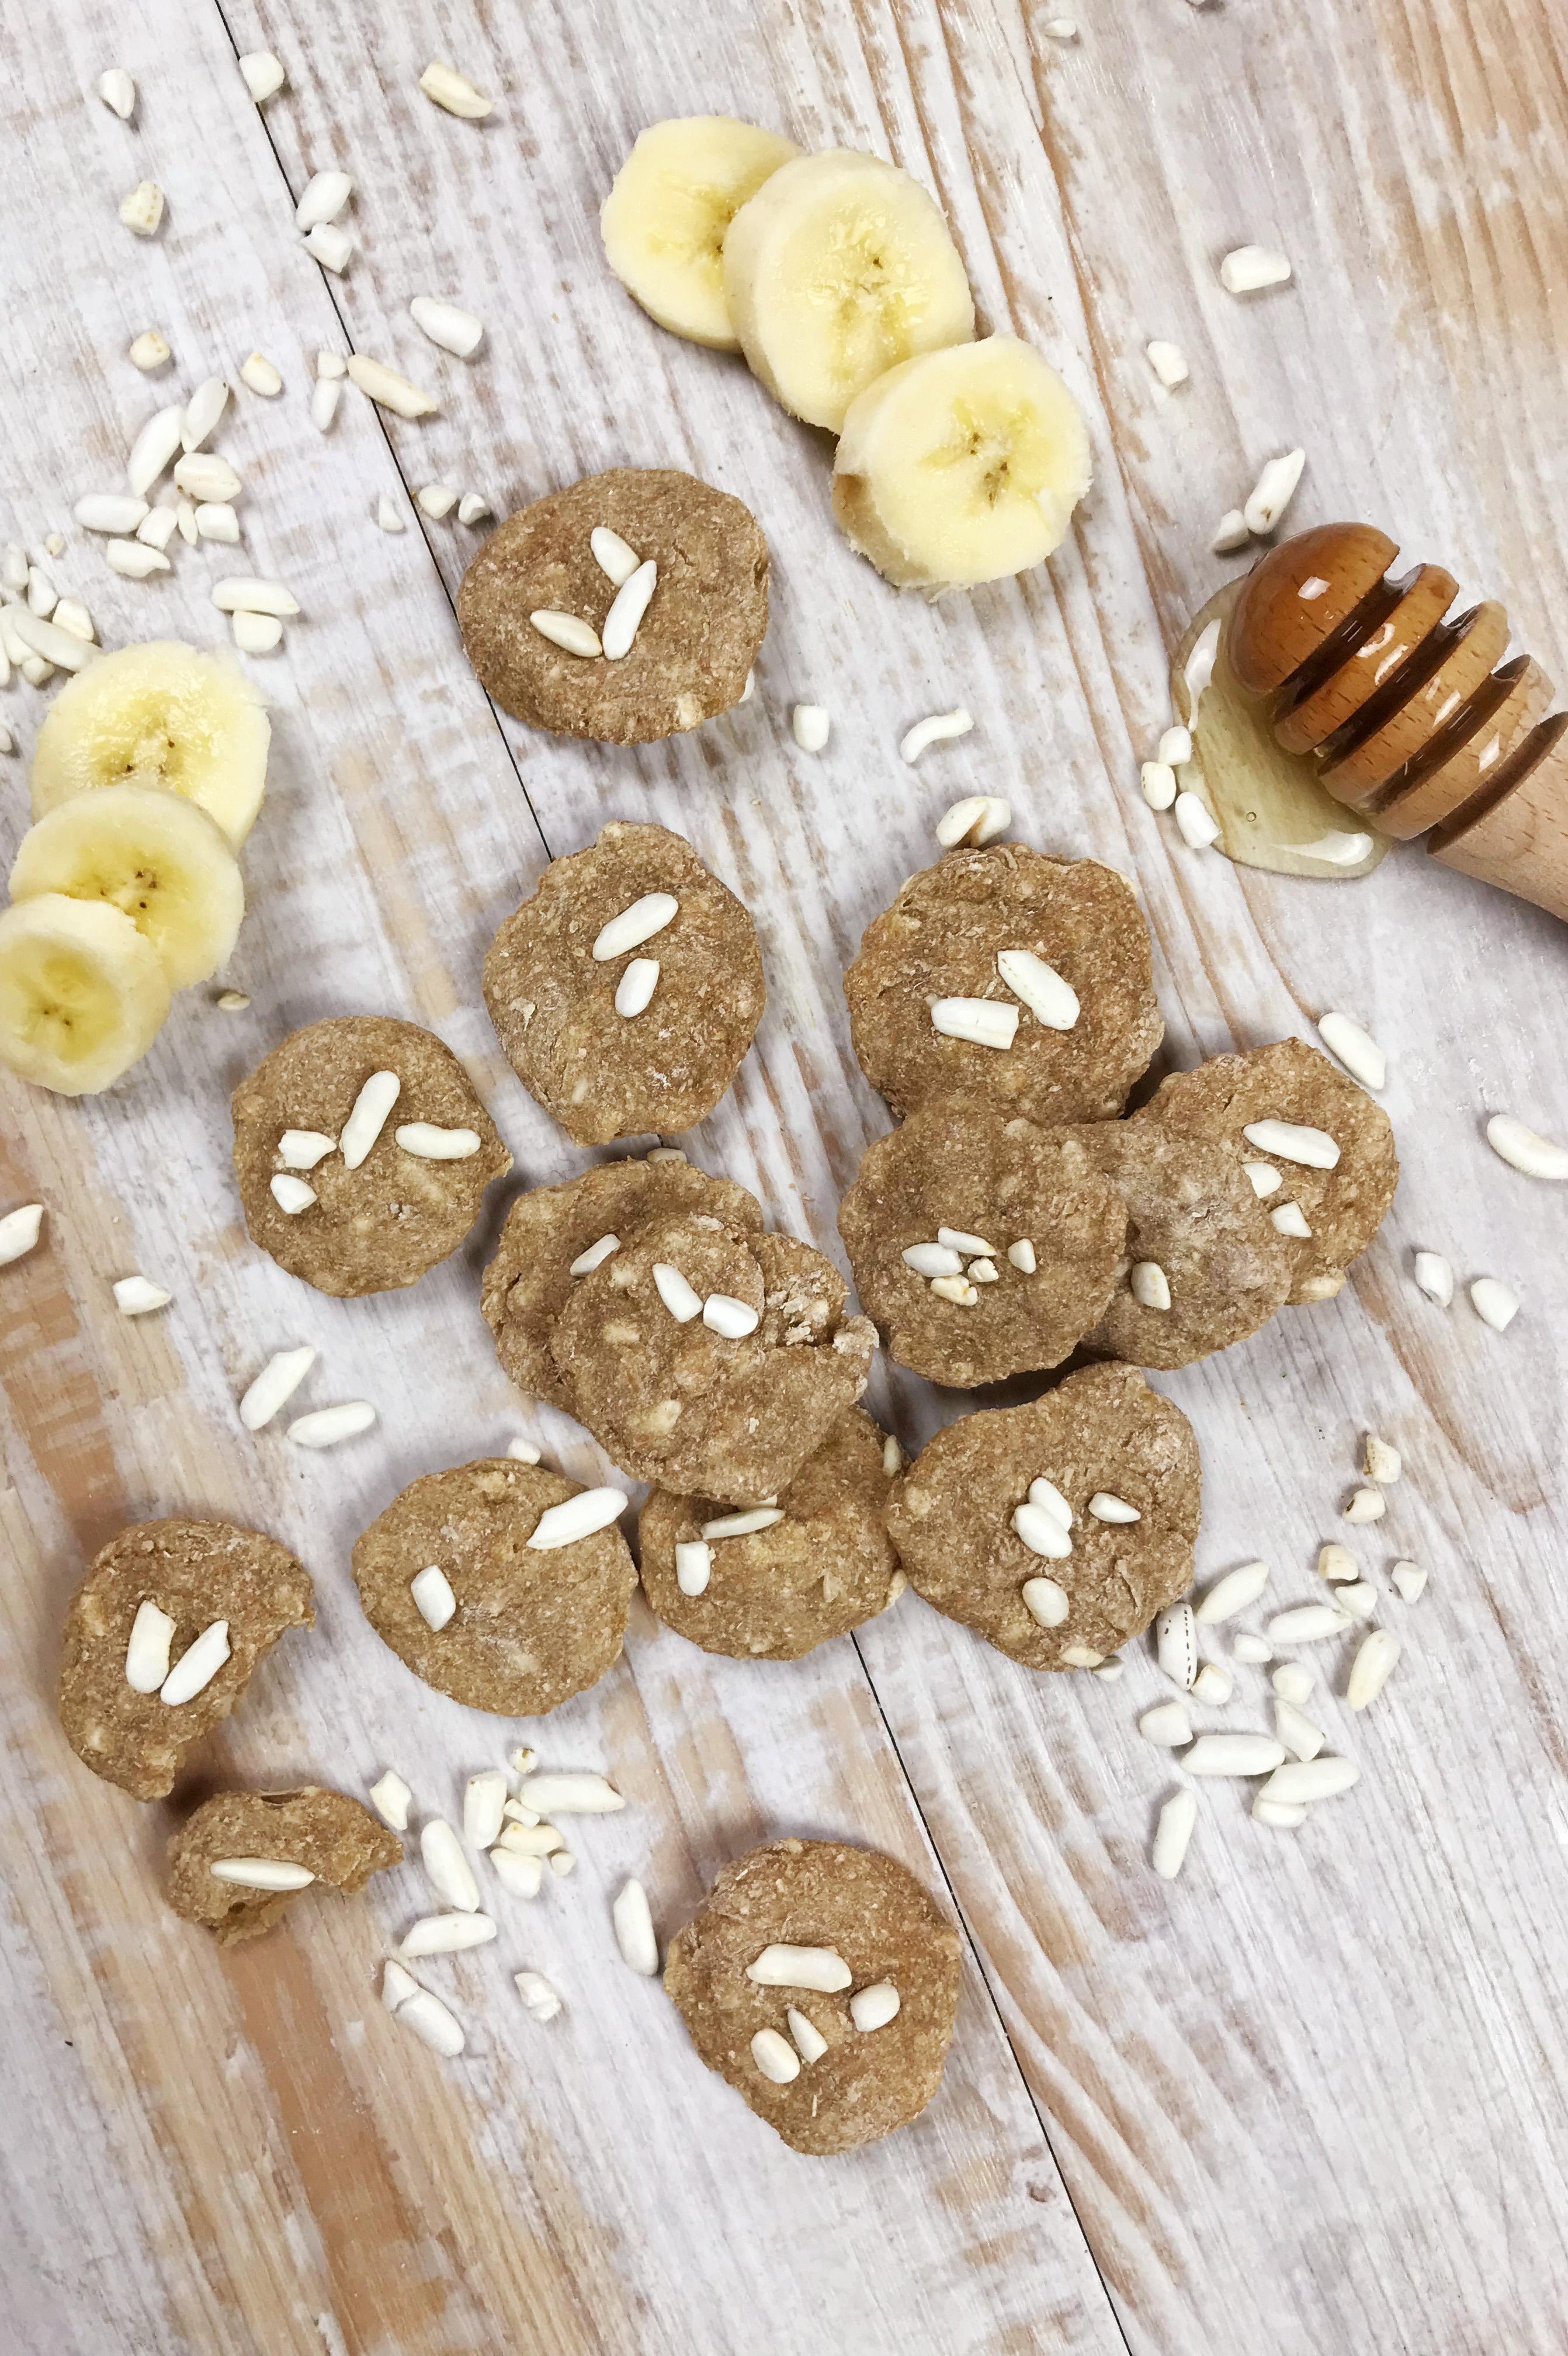 biscotti alla banana, cocco e riso soffiato